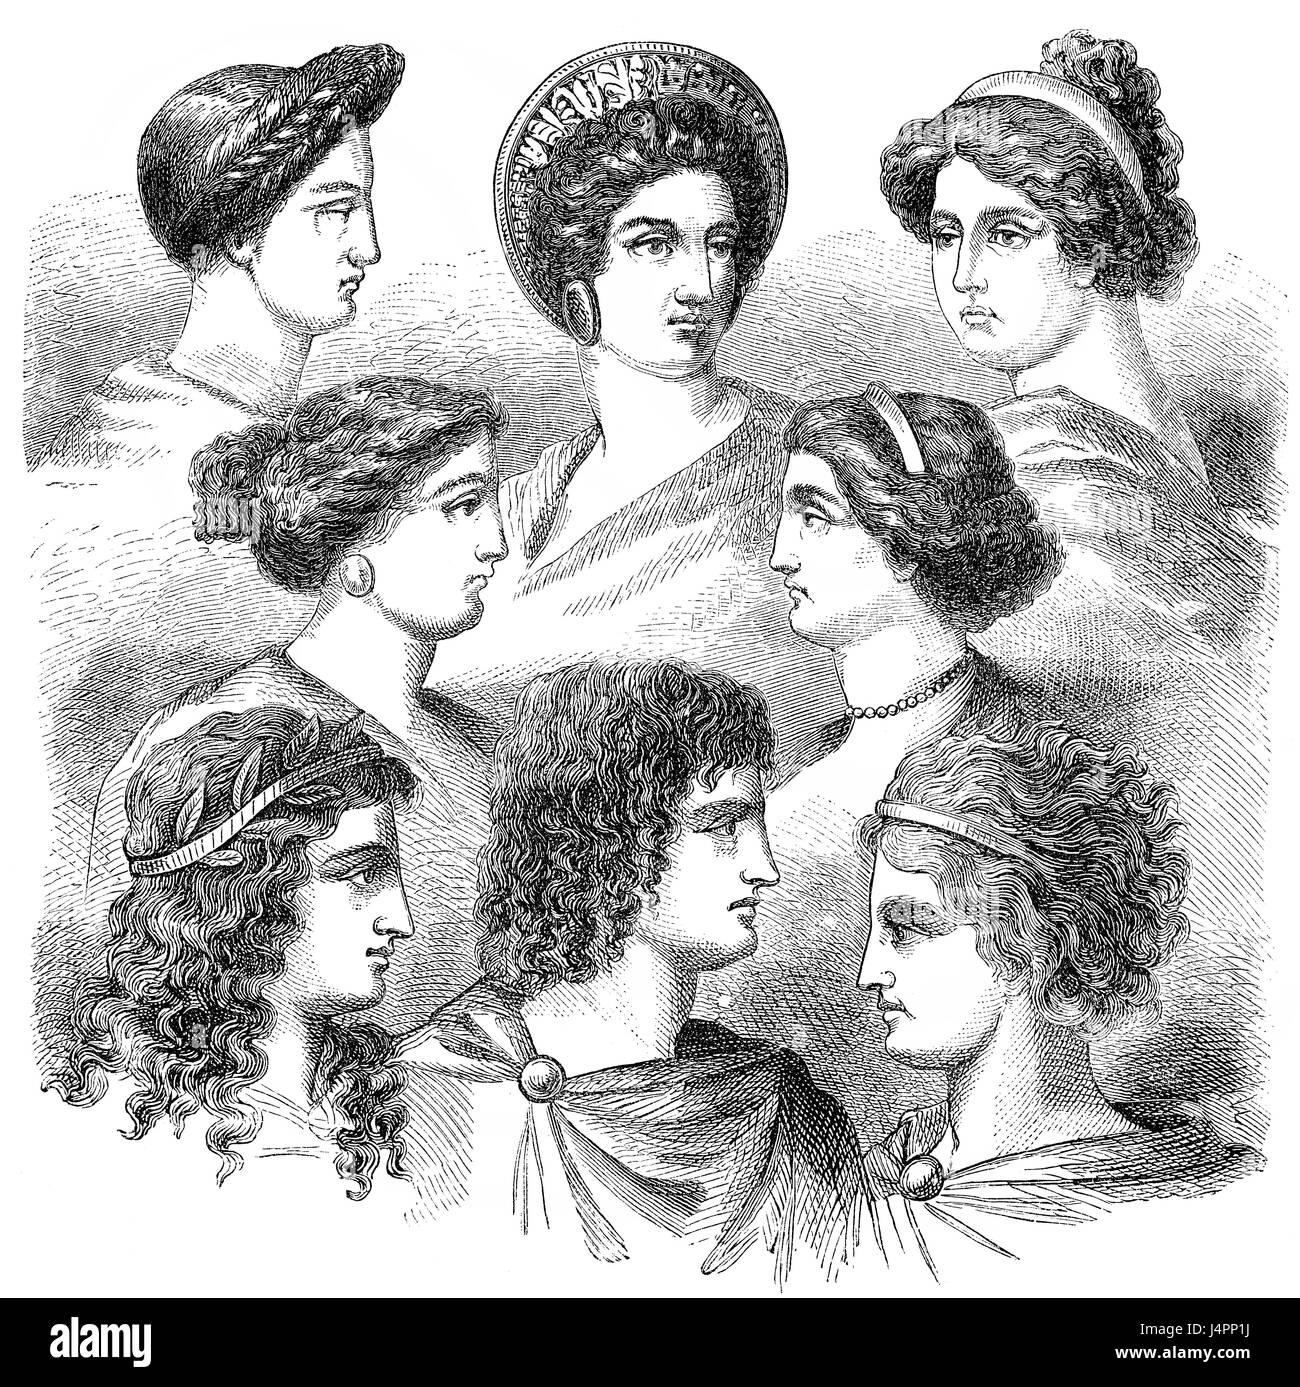 Traditionelle Frisuren Im Antiken Griechenland Stockfoto Bild